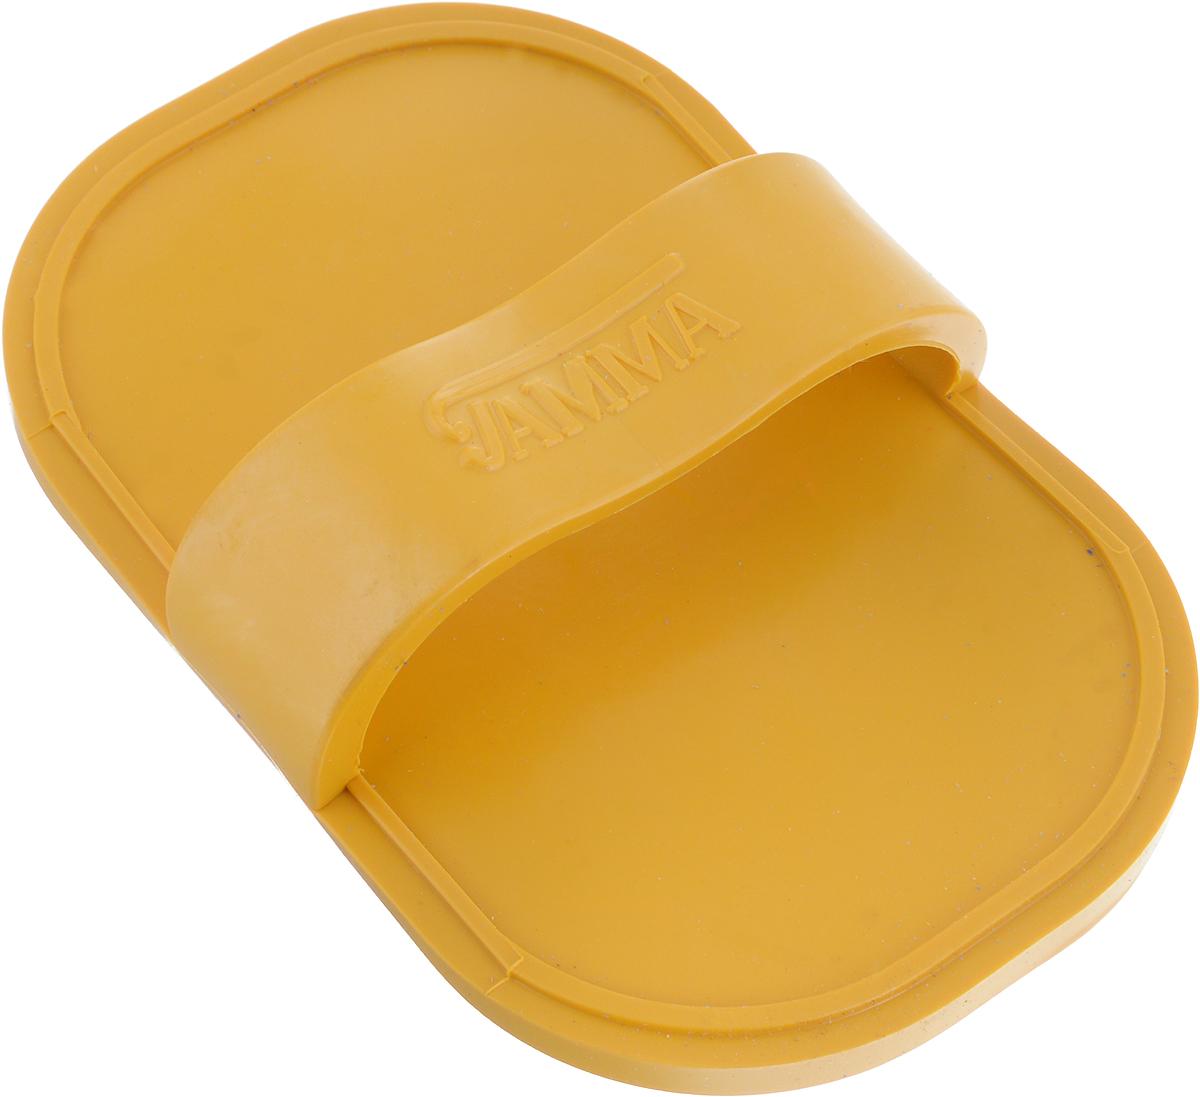 Щетка для животных Гамма, большая, цвет: желтый, 17 х 10,5 х 4,5 смЩг-15500_желтыйМассажная щетка для животных Гамма выполнена из качественного безопасного материала, не травмирующего кожу животного. Щётку удобно держать на руке с помощью специальной лямке. Компактный размер позволяет брать щетку с собой в дорогу. Размер щетки: 17 х 10,5 х 4,5 см. Длина зубчиков: 6 мм.Линька под контролем! Статья OZON Гид